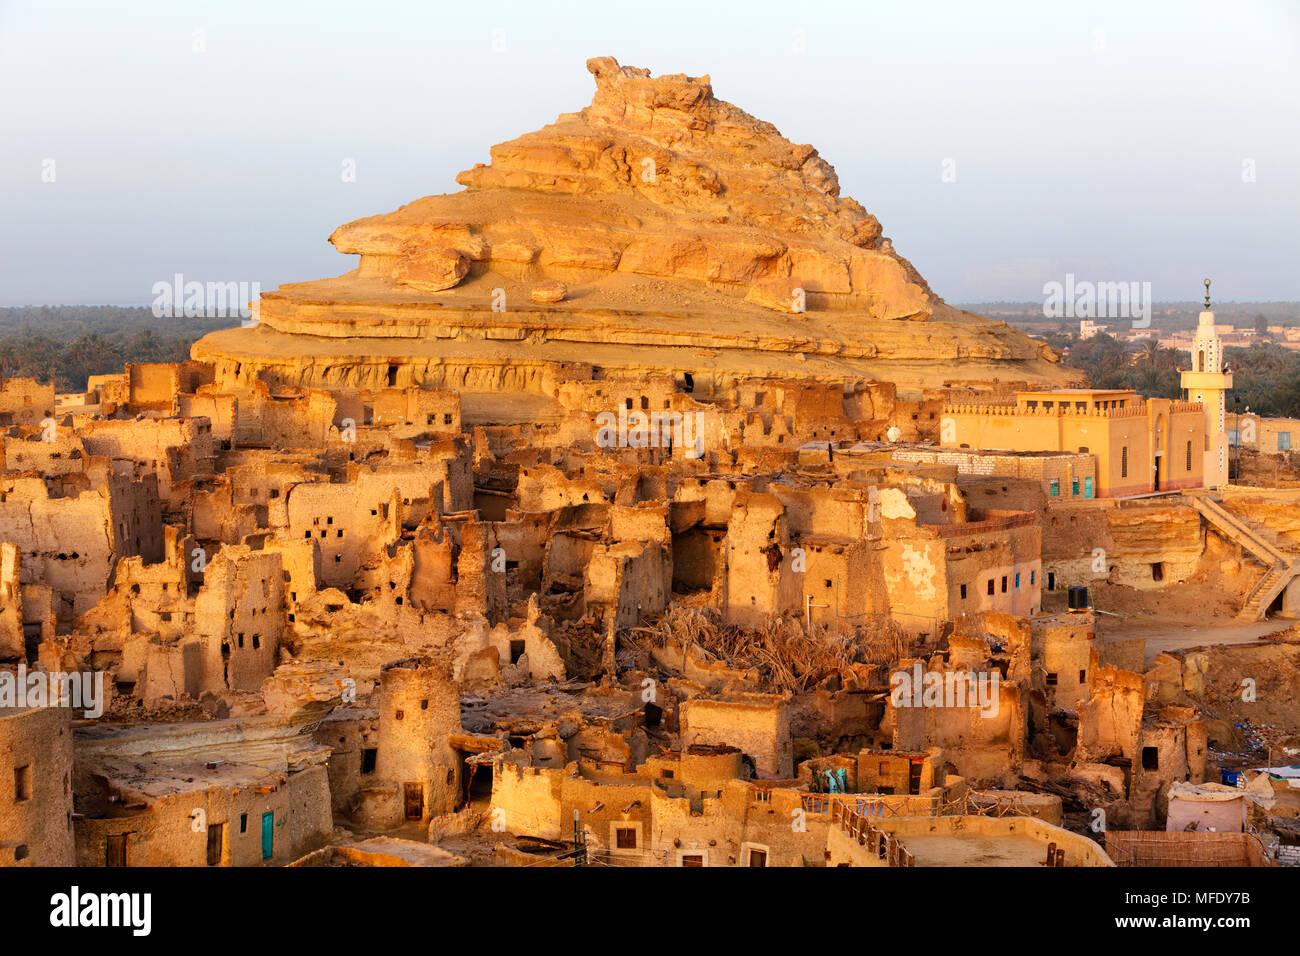 Blick auf die Ruinen des Shali Festung in der Siwa Oase in der Sahara in Ägypten Stockbild